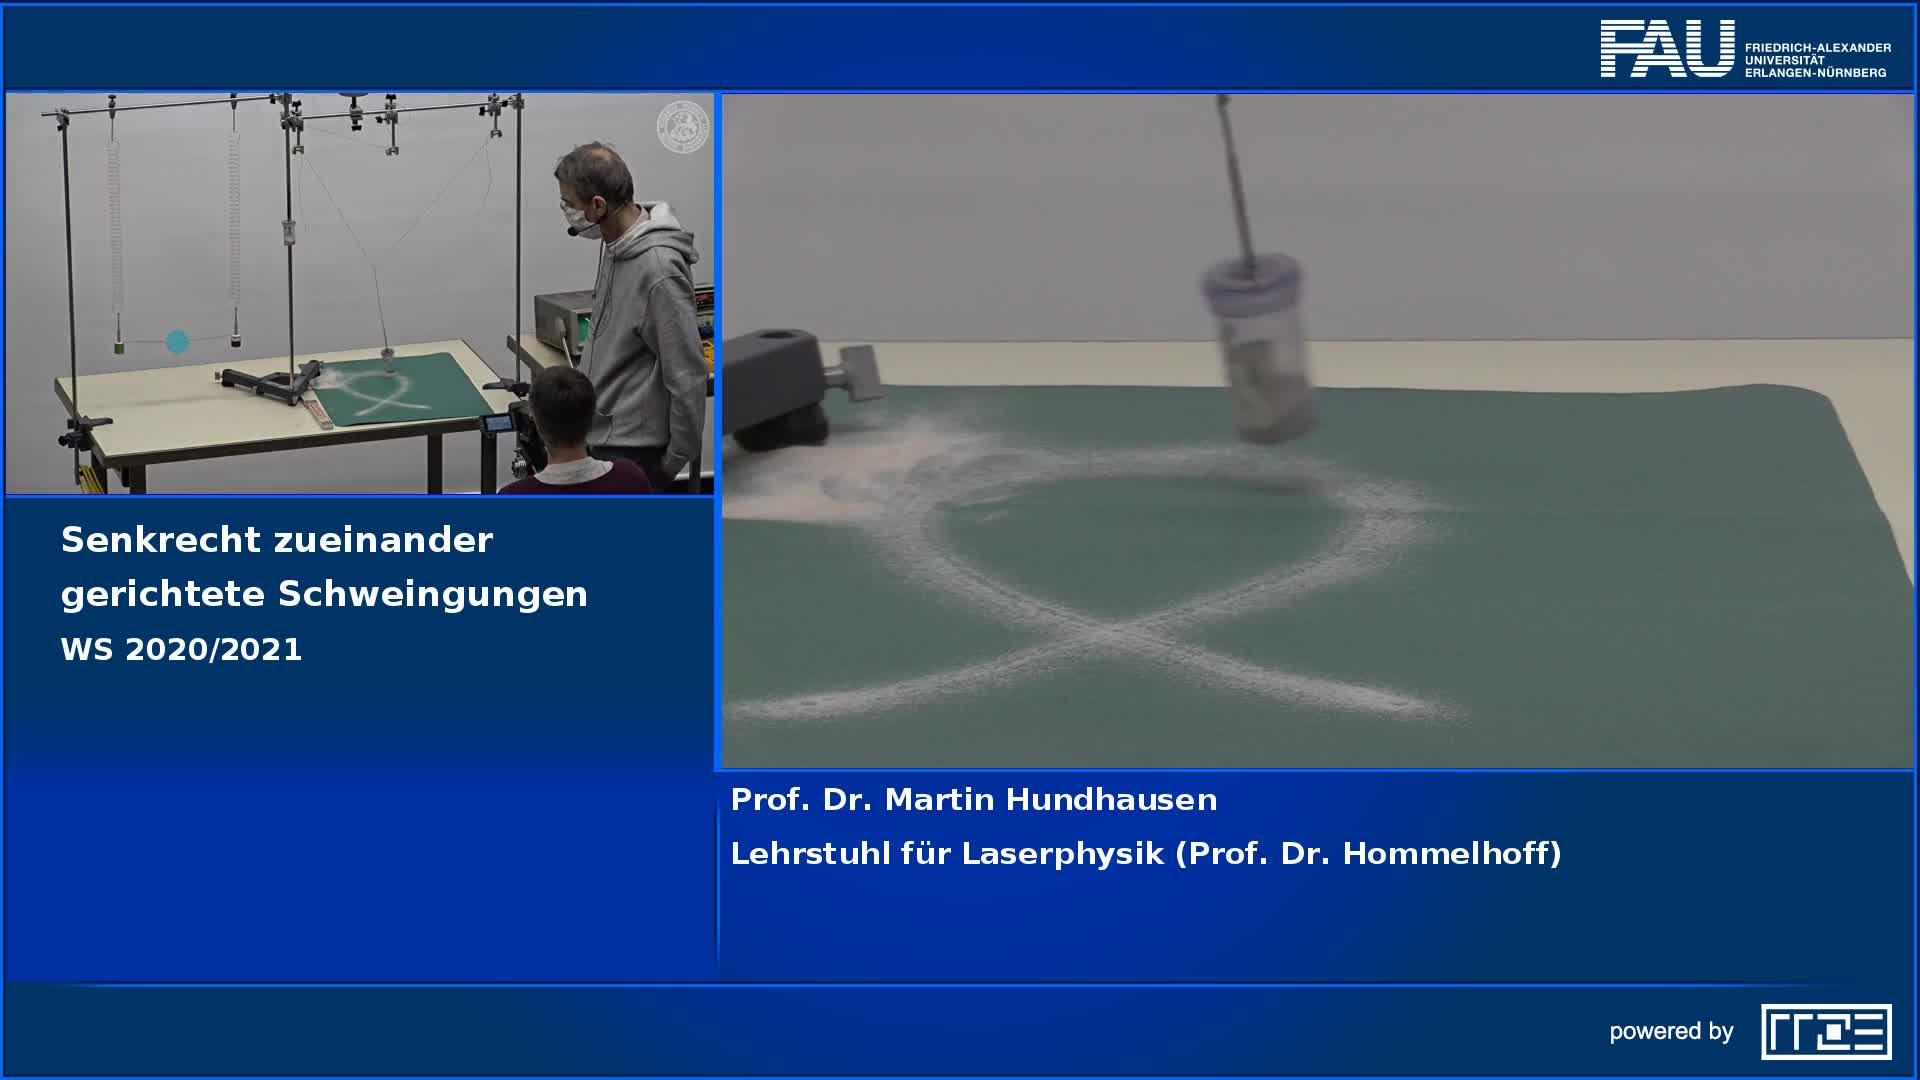 Senkrecht zueinander gerichtete Schwingungen preview image